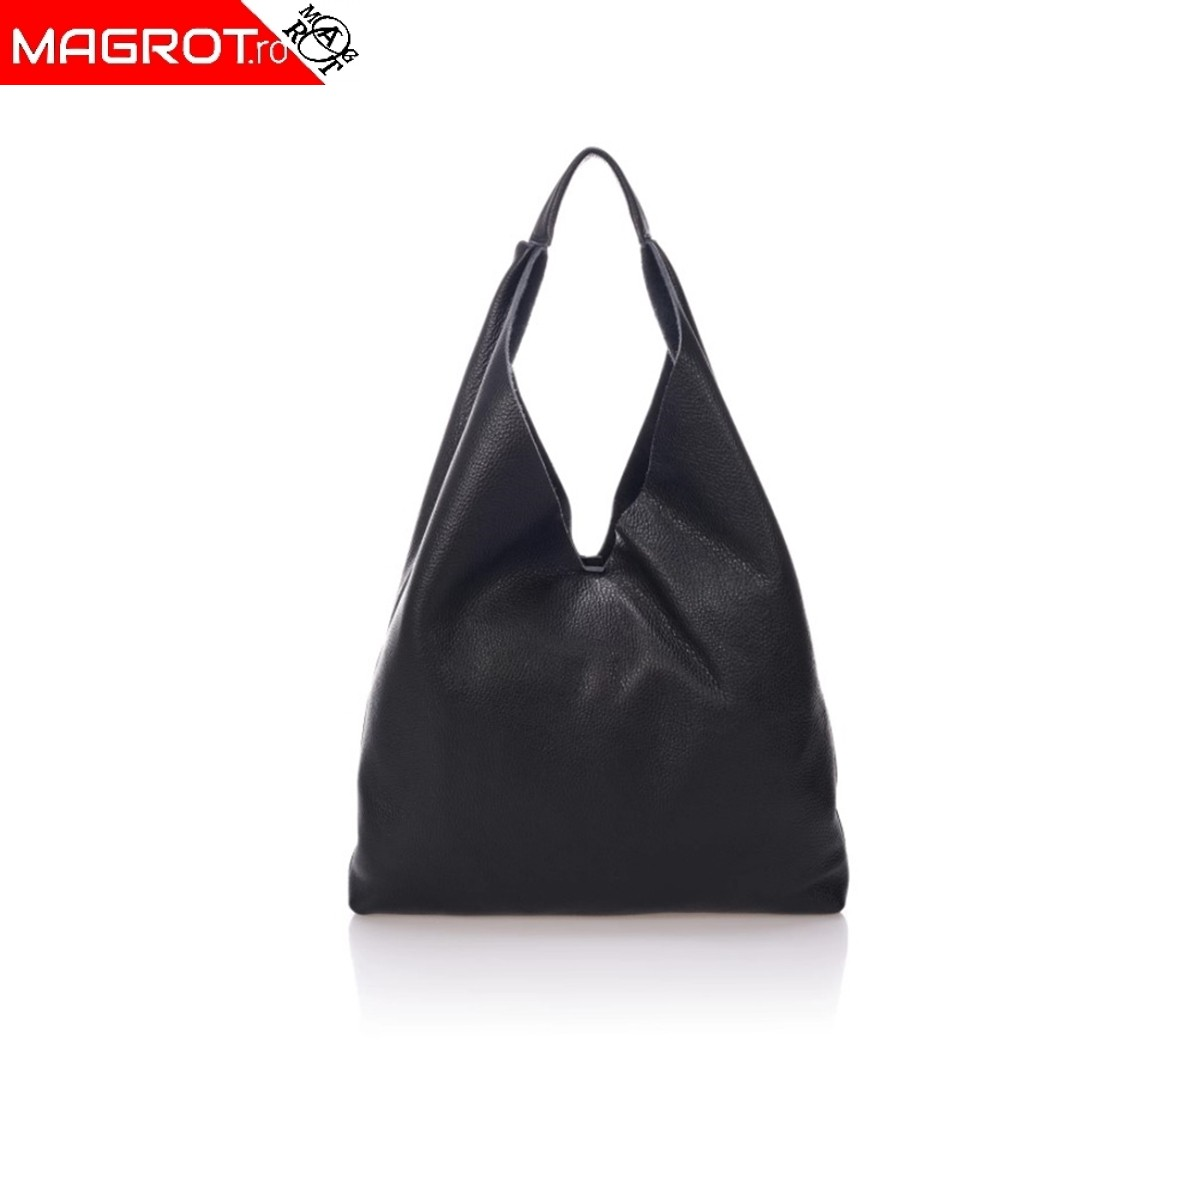 Geanta de umar de tip hobo pentru femei din piele naturala, neagra, Magrot 001